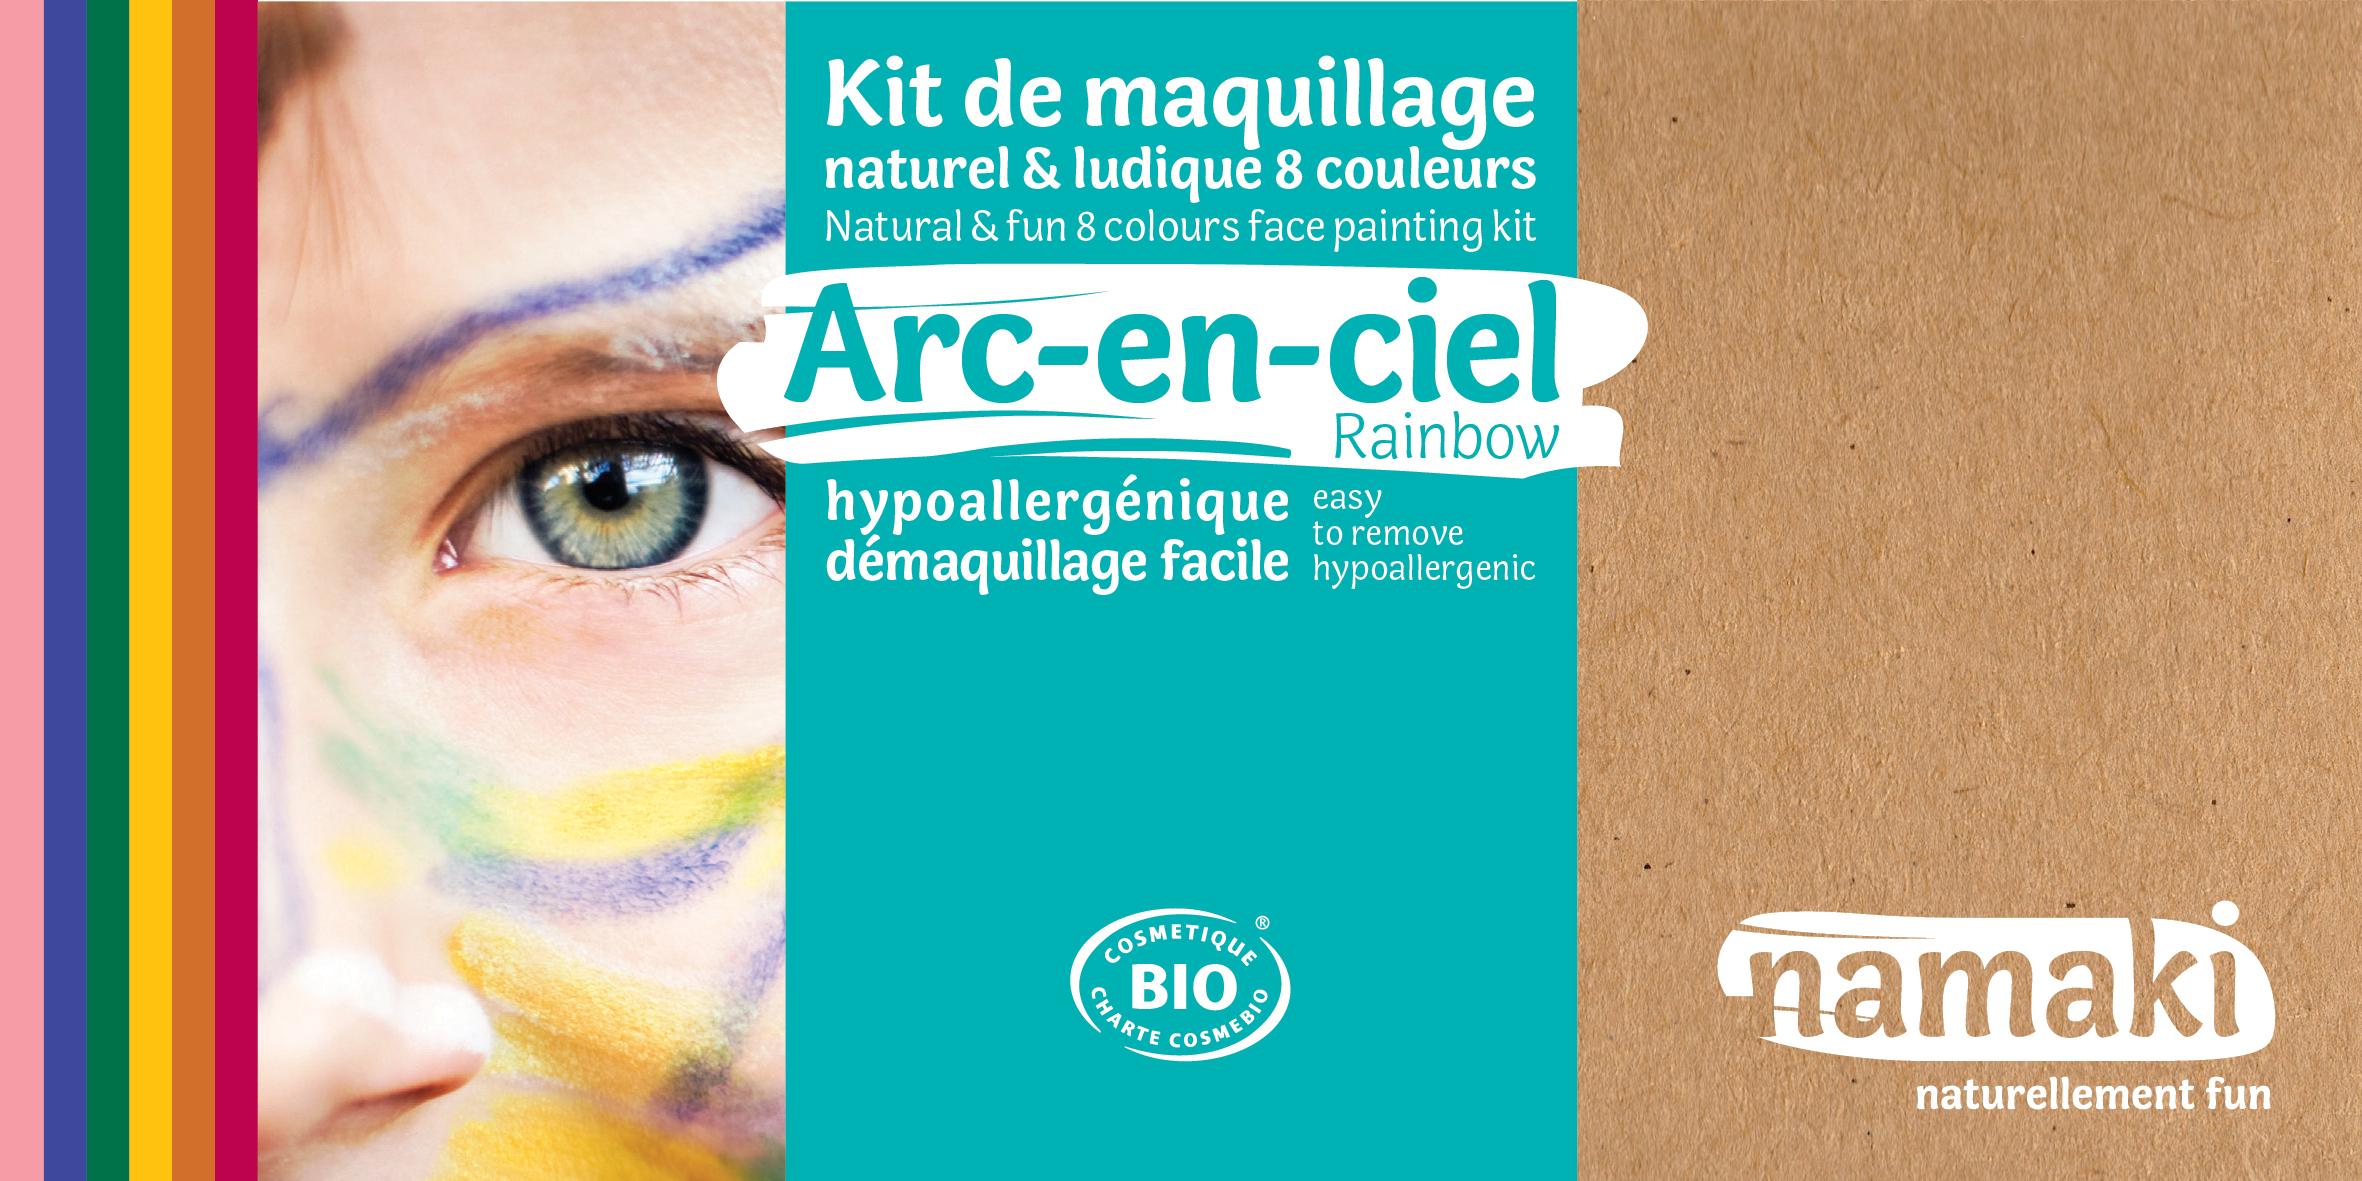 Doux Good - namaki - kit de maquillage bio 8 couleurs Arc-en-ciel